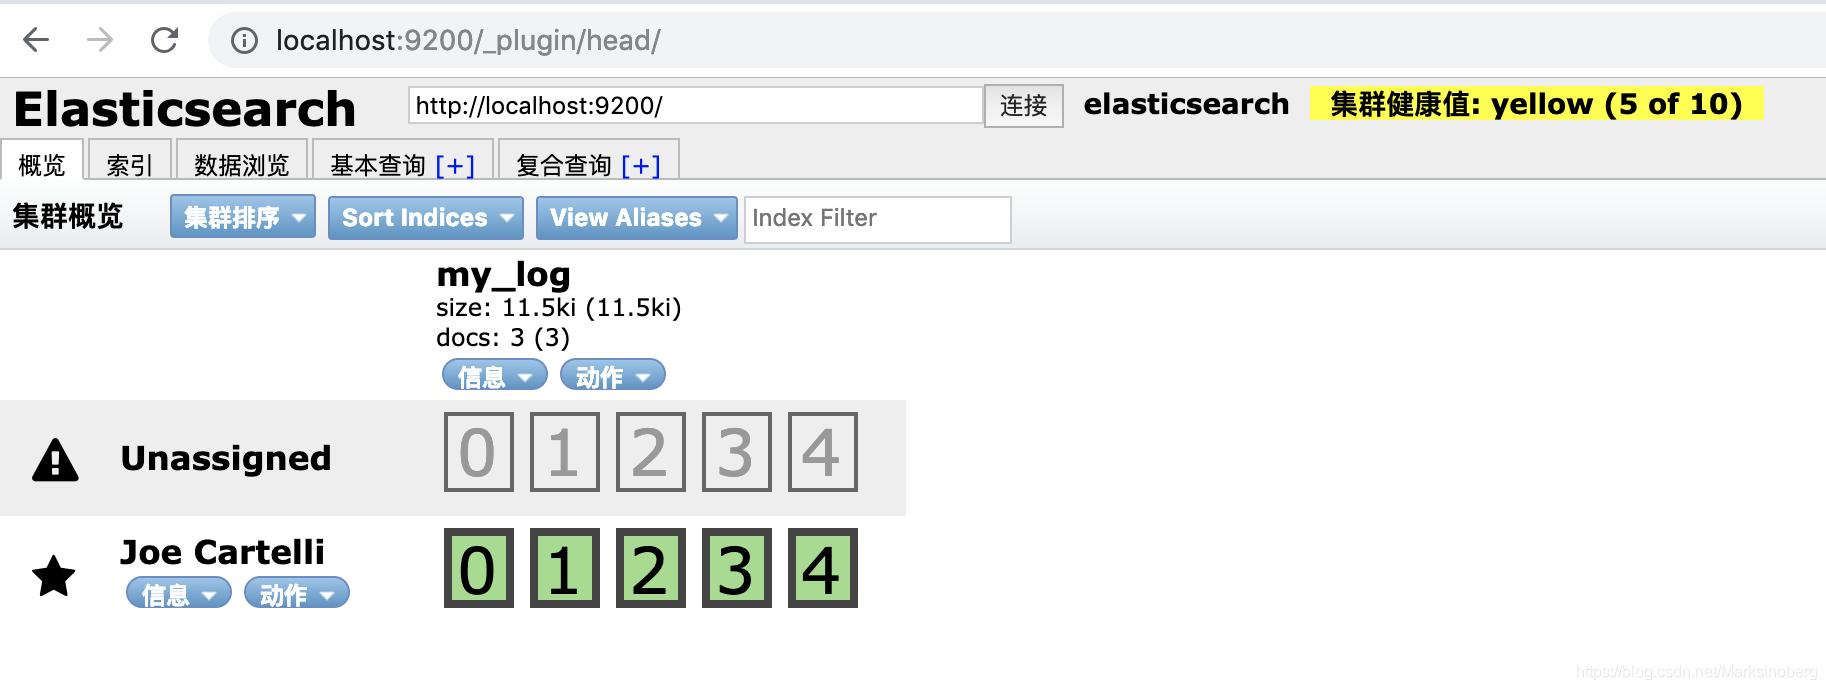 在elasticsearch的head插件中查看运行情况